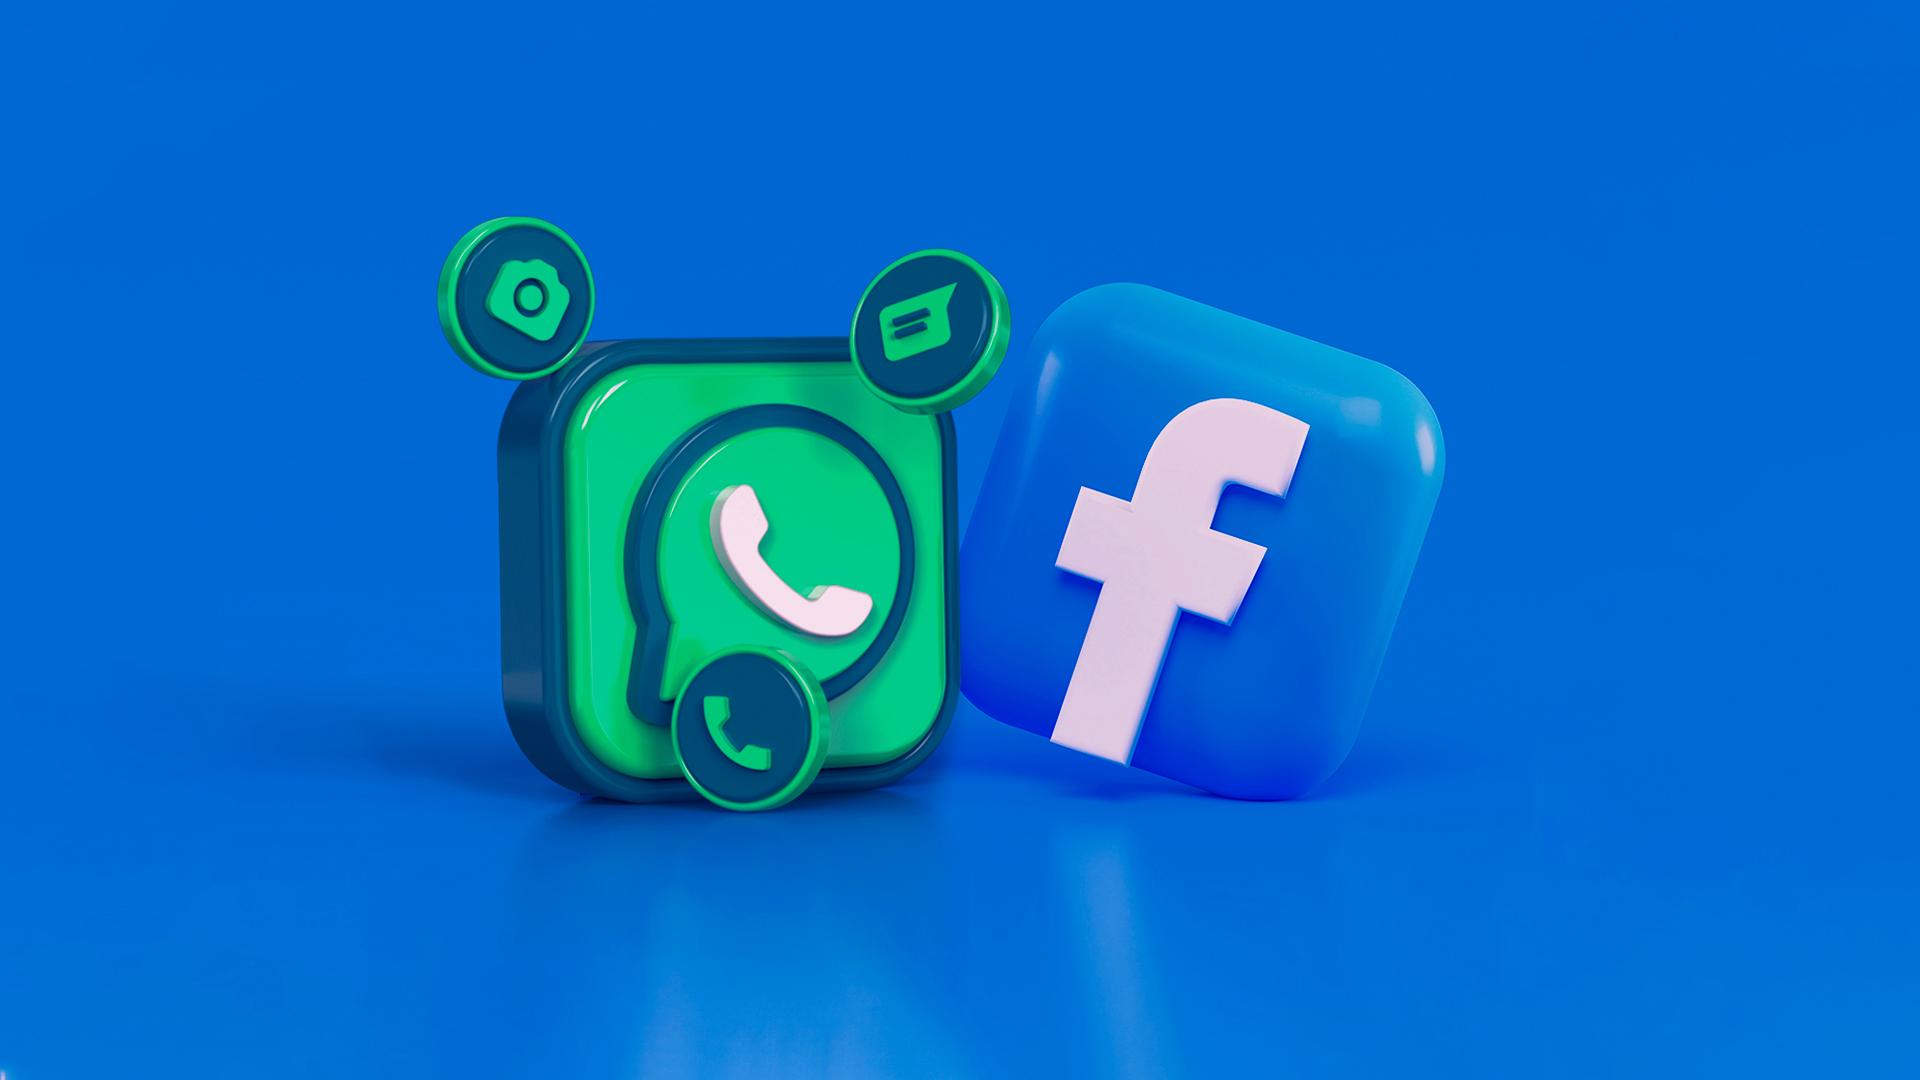 Grande novità per Facebook: le inserzioni si potranno creare con gli strumenti di business di WhatsApp